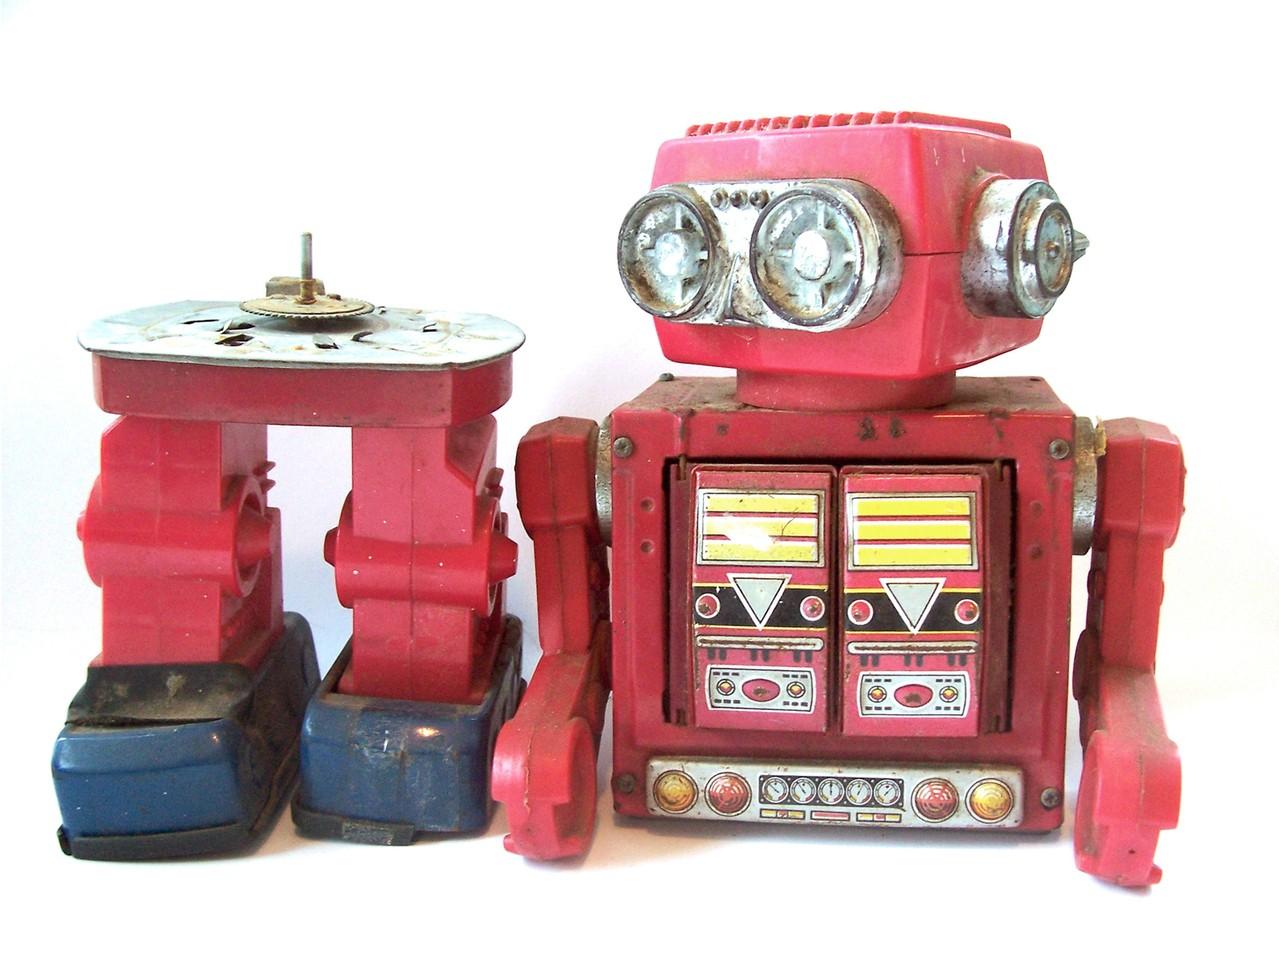 Komprachcickie Walki Robotów wrócą w 2021